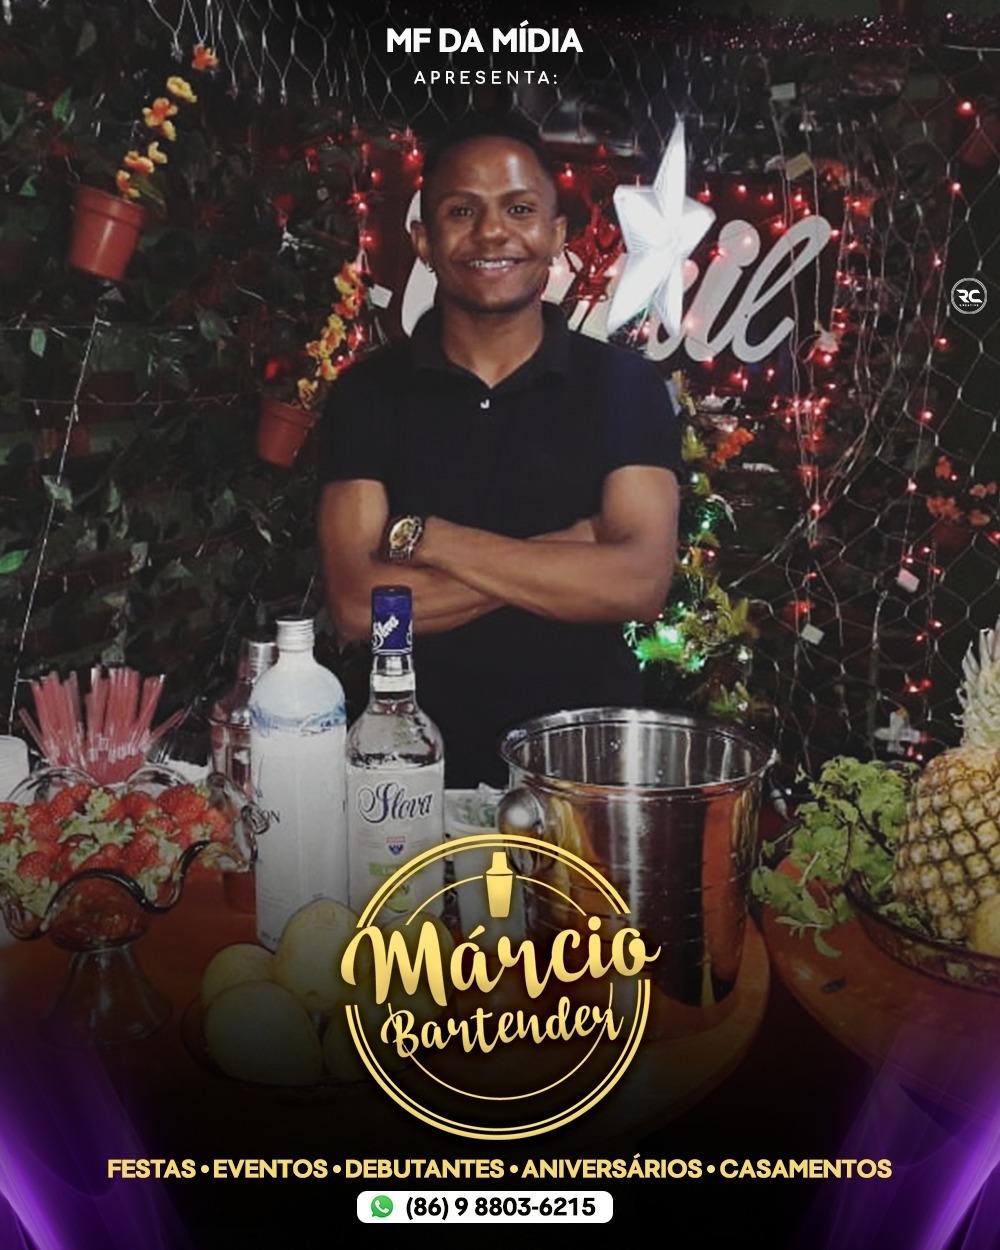 Márcio Bartender - Quer mostrar algo de diferente pra seus convidados na sua festa?